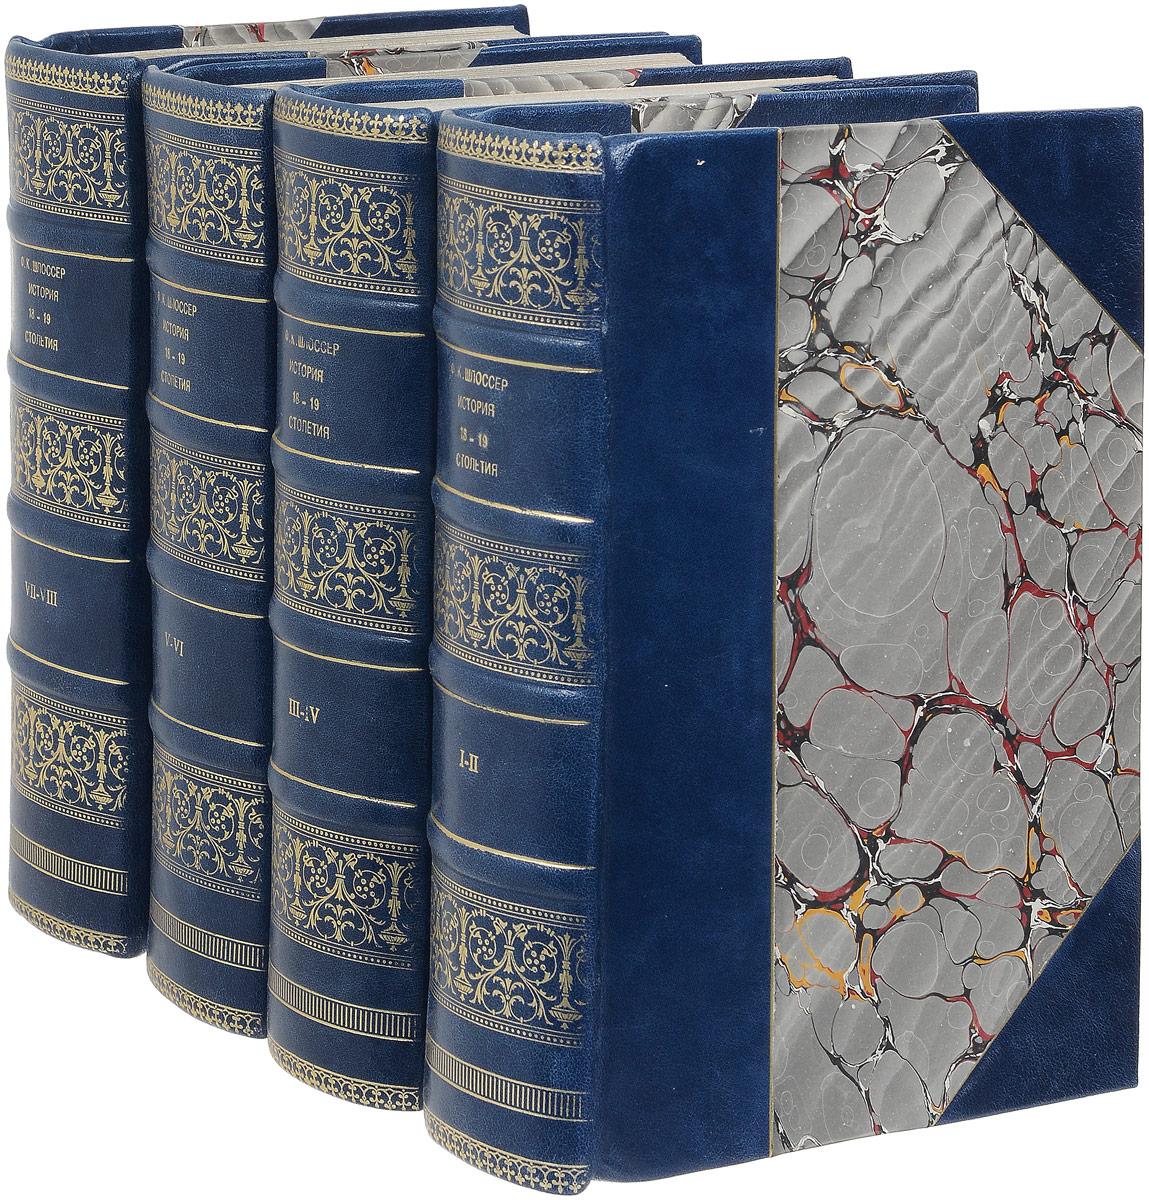 История восемнадцатого столетия и девятнадцатого до падения Французской империи, с особенно подробным изложением хода литературы. В